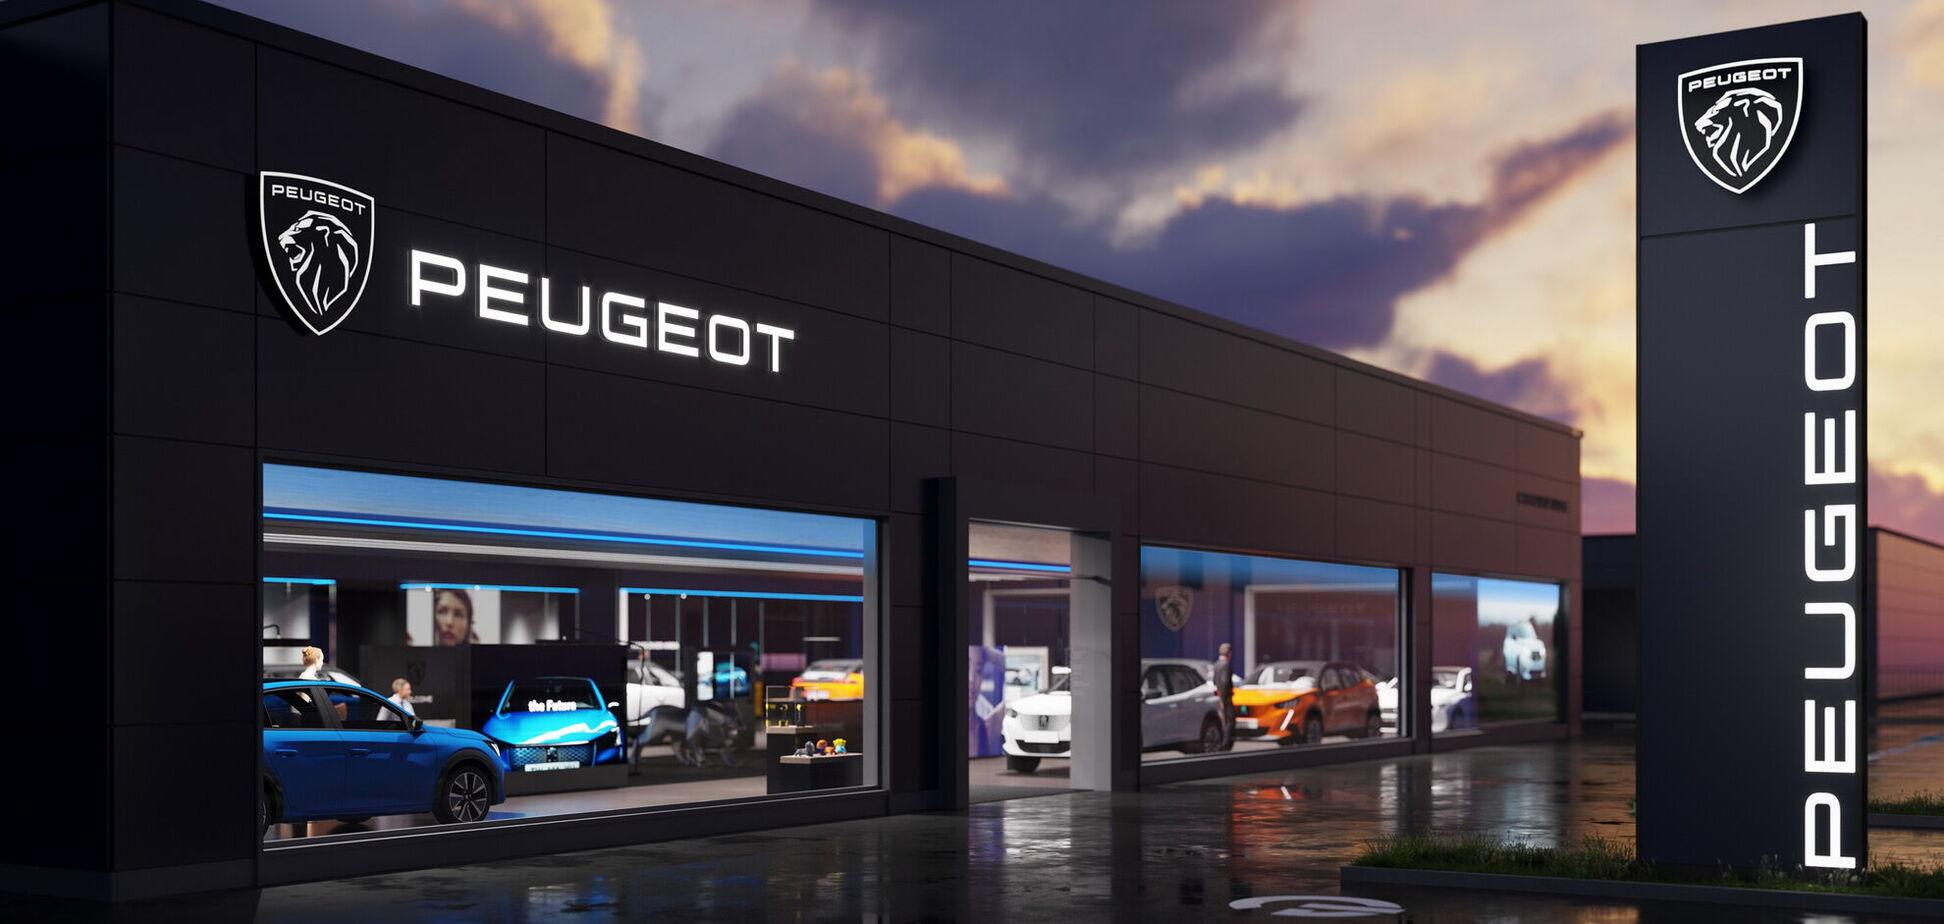 Peugeot провела ребрендинг и изменила эмблему